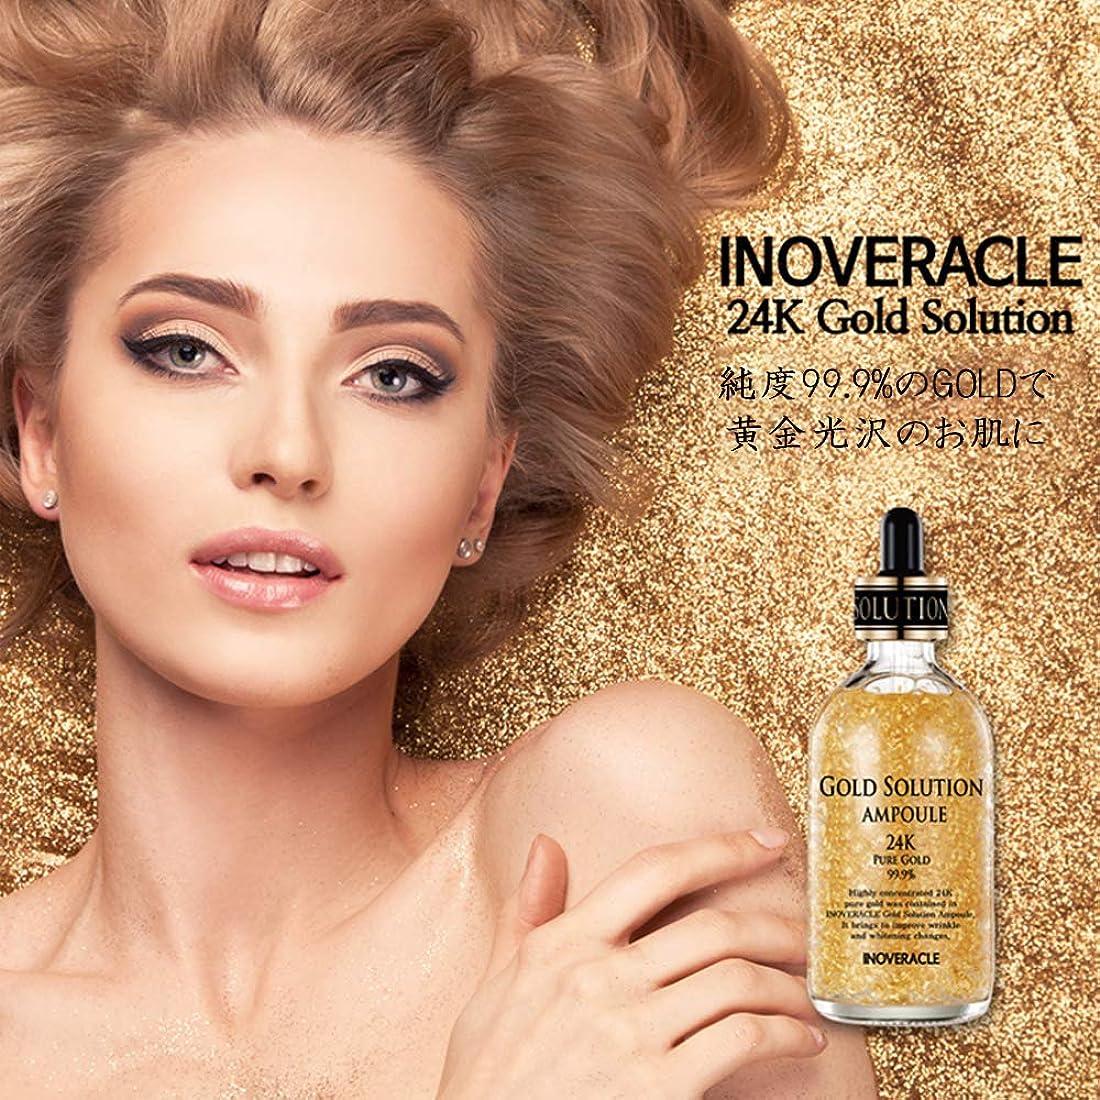 謝罪転用行動INOVERACLE GOLD SOLUTION AMPOULE 24K 99.9% 純金 アンプル 100ml 美容液 スキンケア 韓国化粧品 光沢お肌 美白美容液